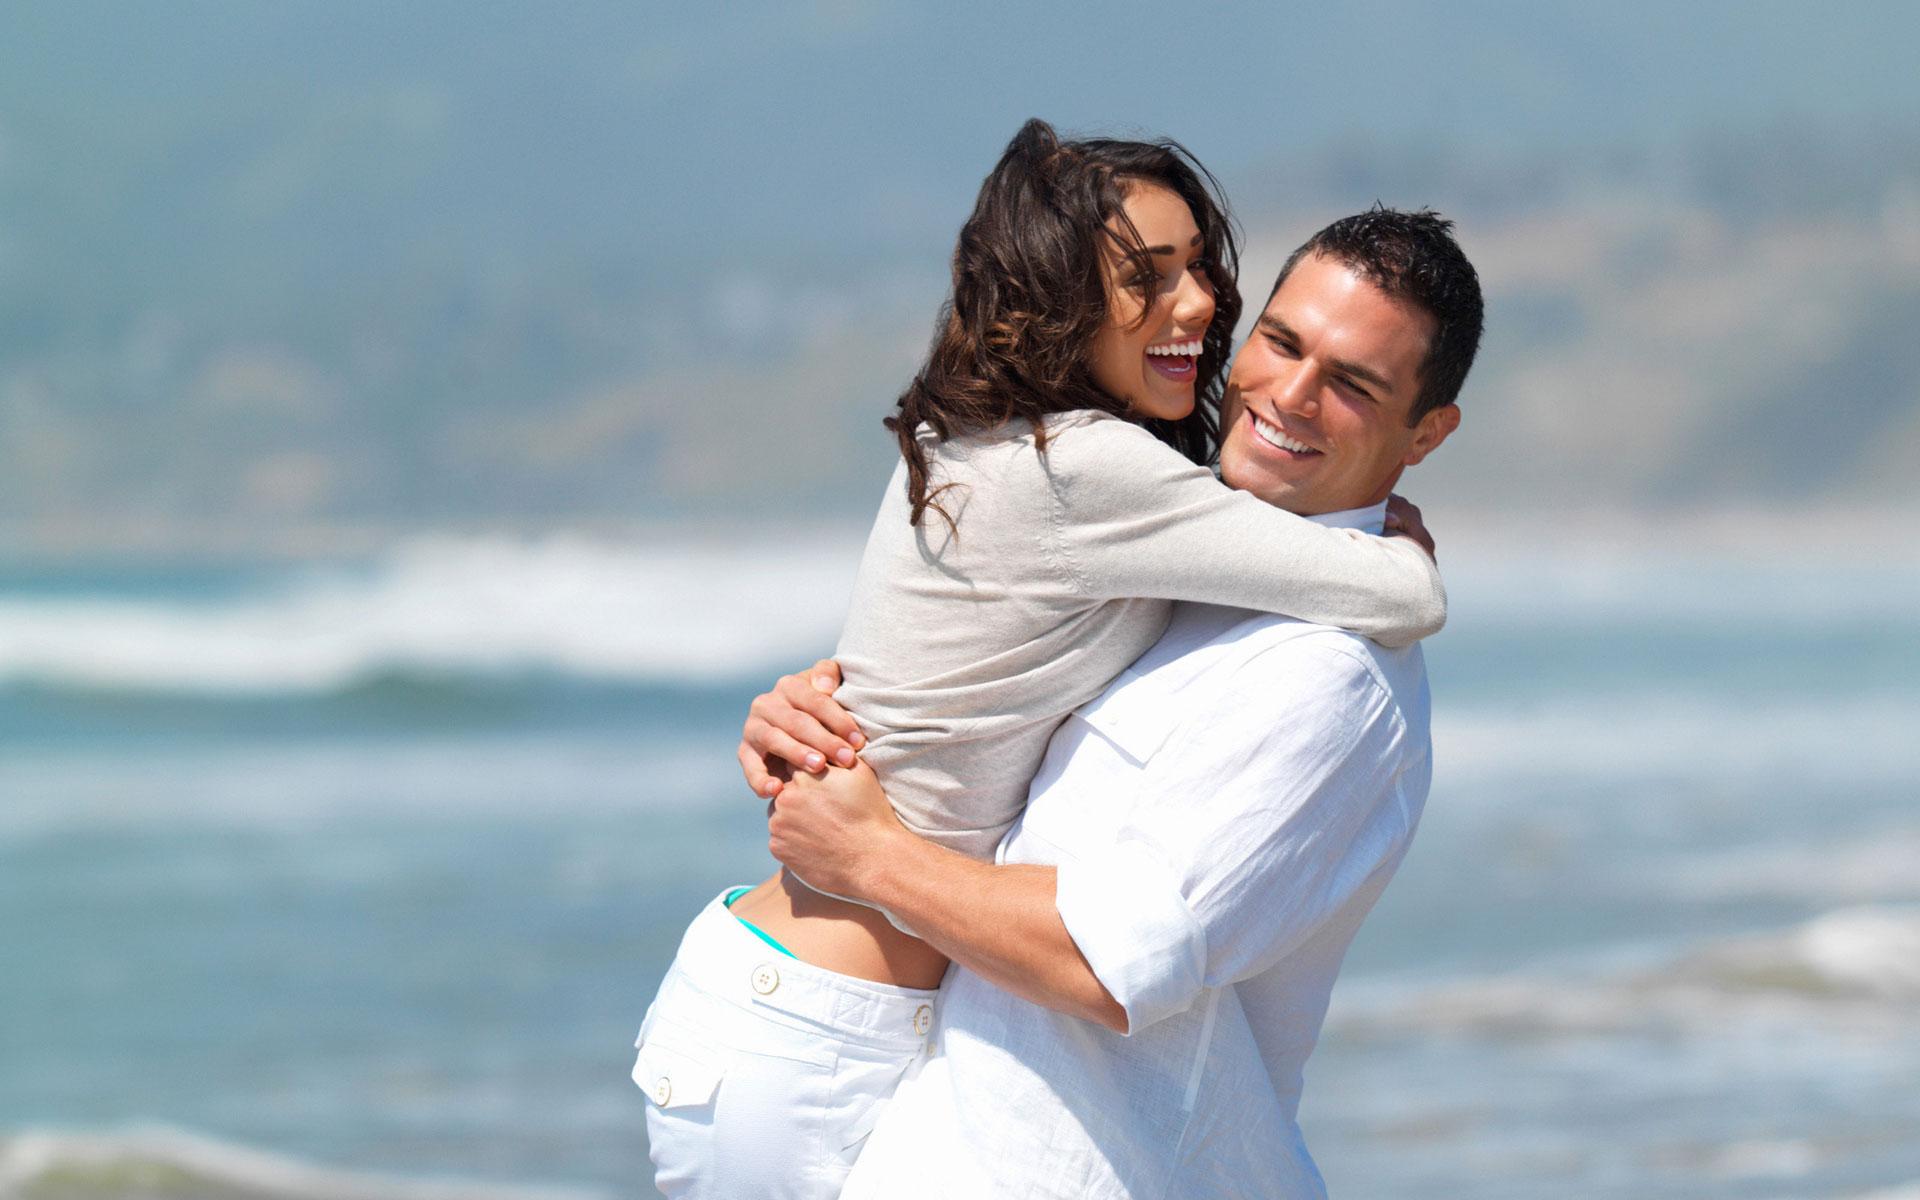 Красивая картинка про мужчину и женщину